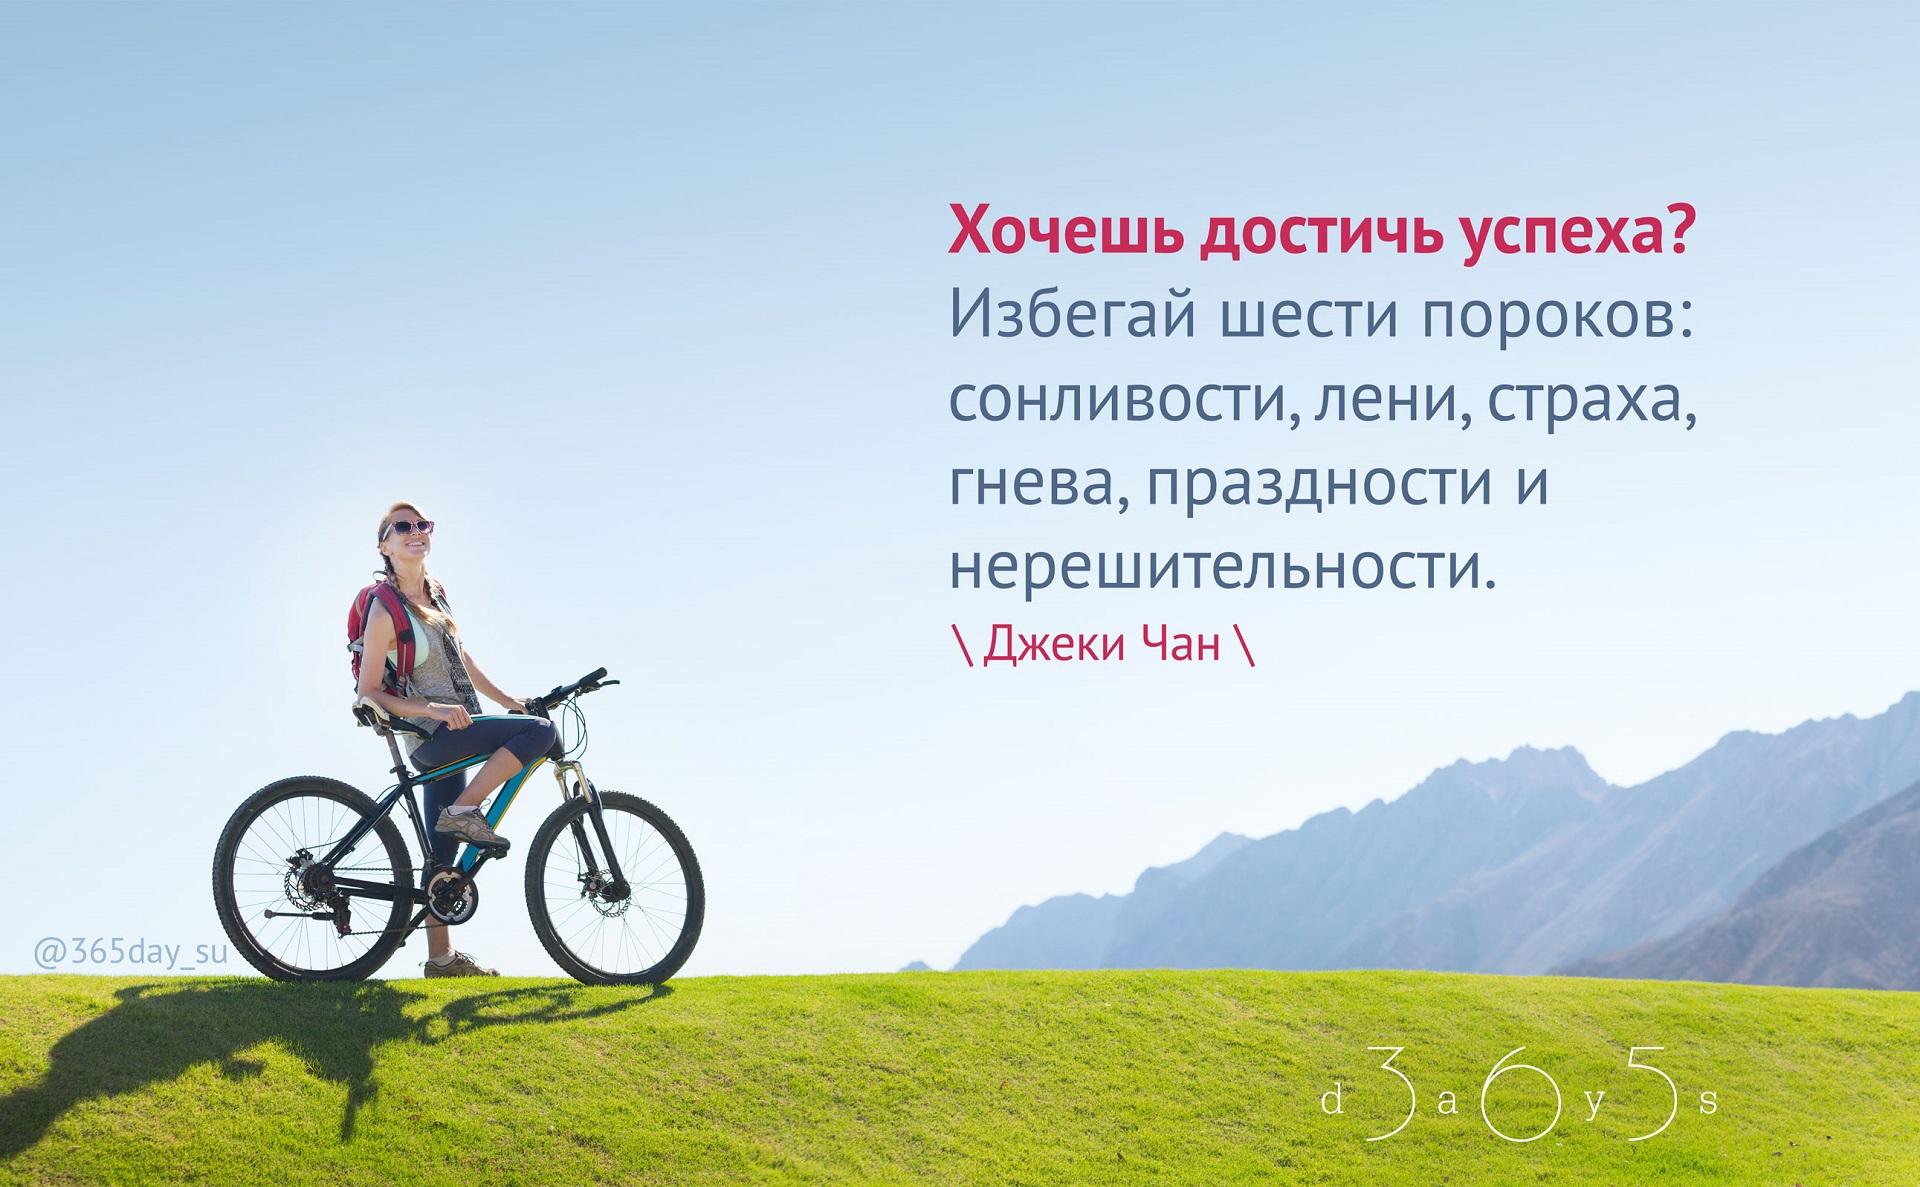 Здоровье, фото с надписью успех